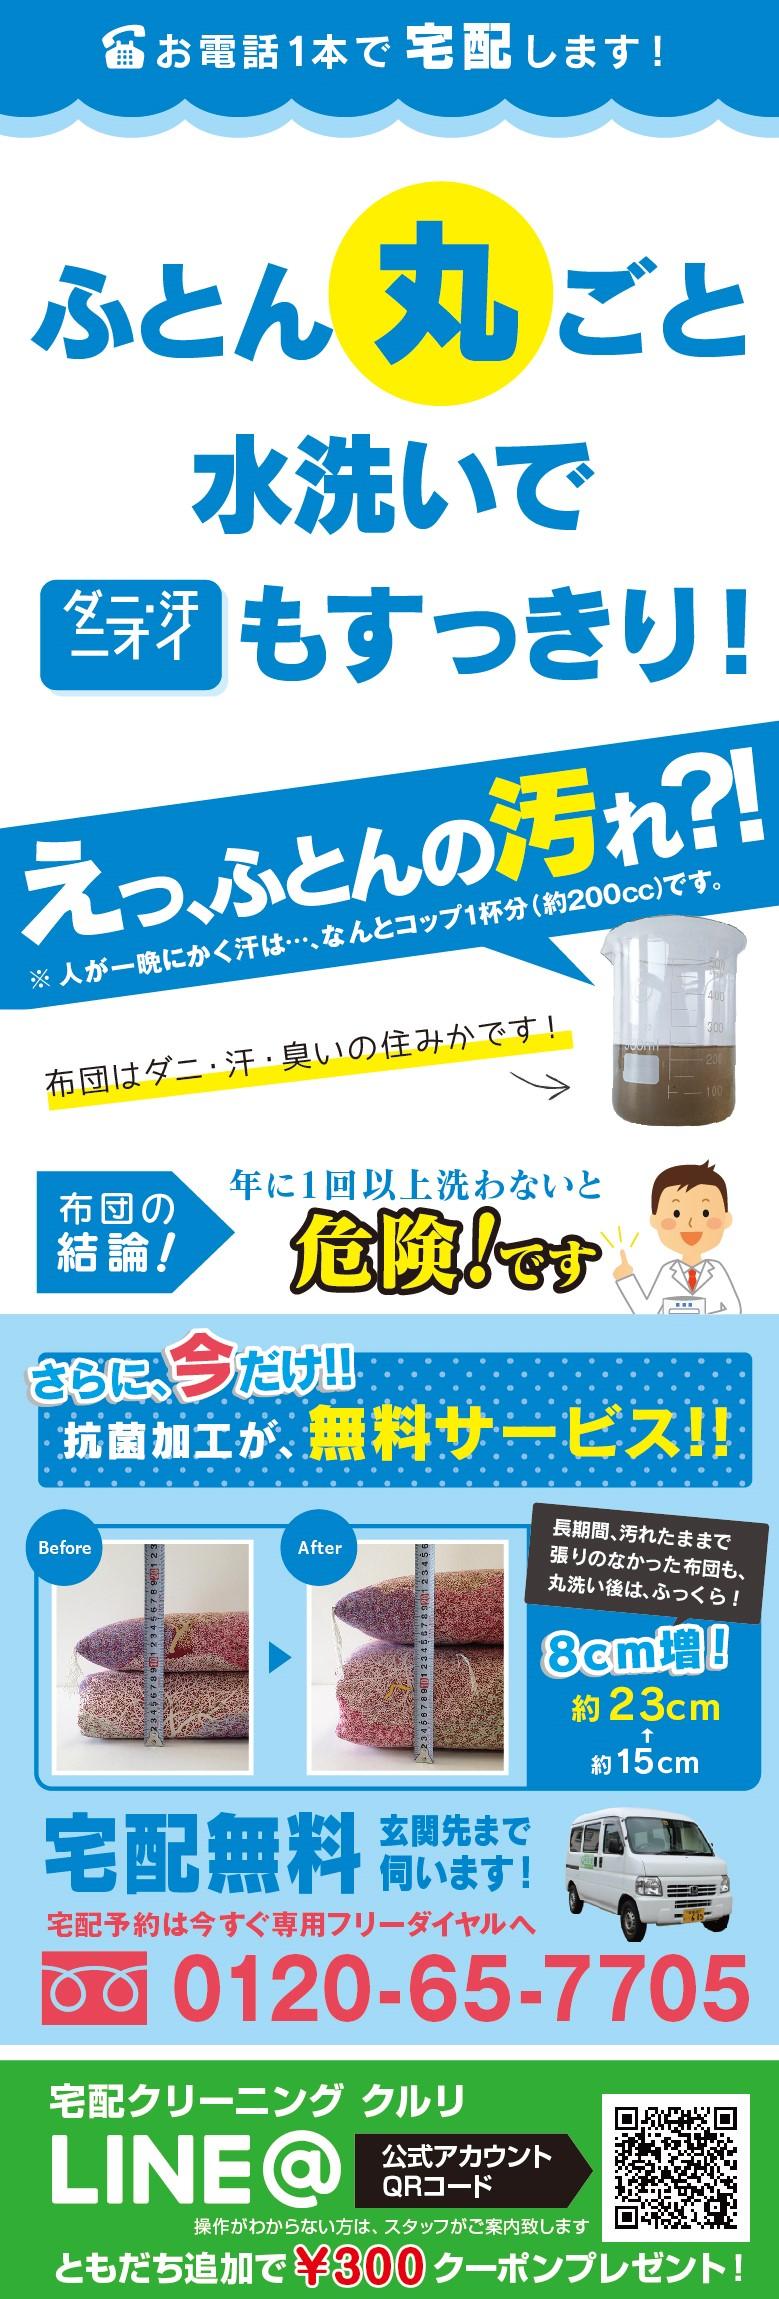 松山市の布団クリーニングキャンペーンオモテ